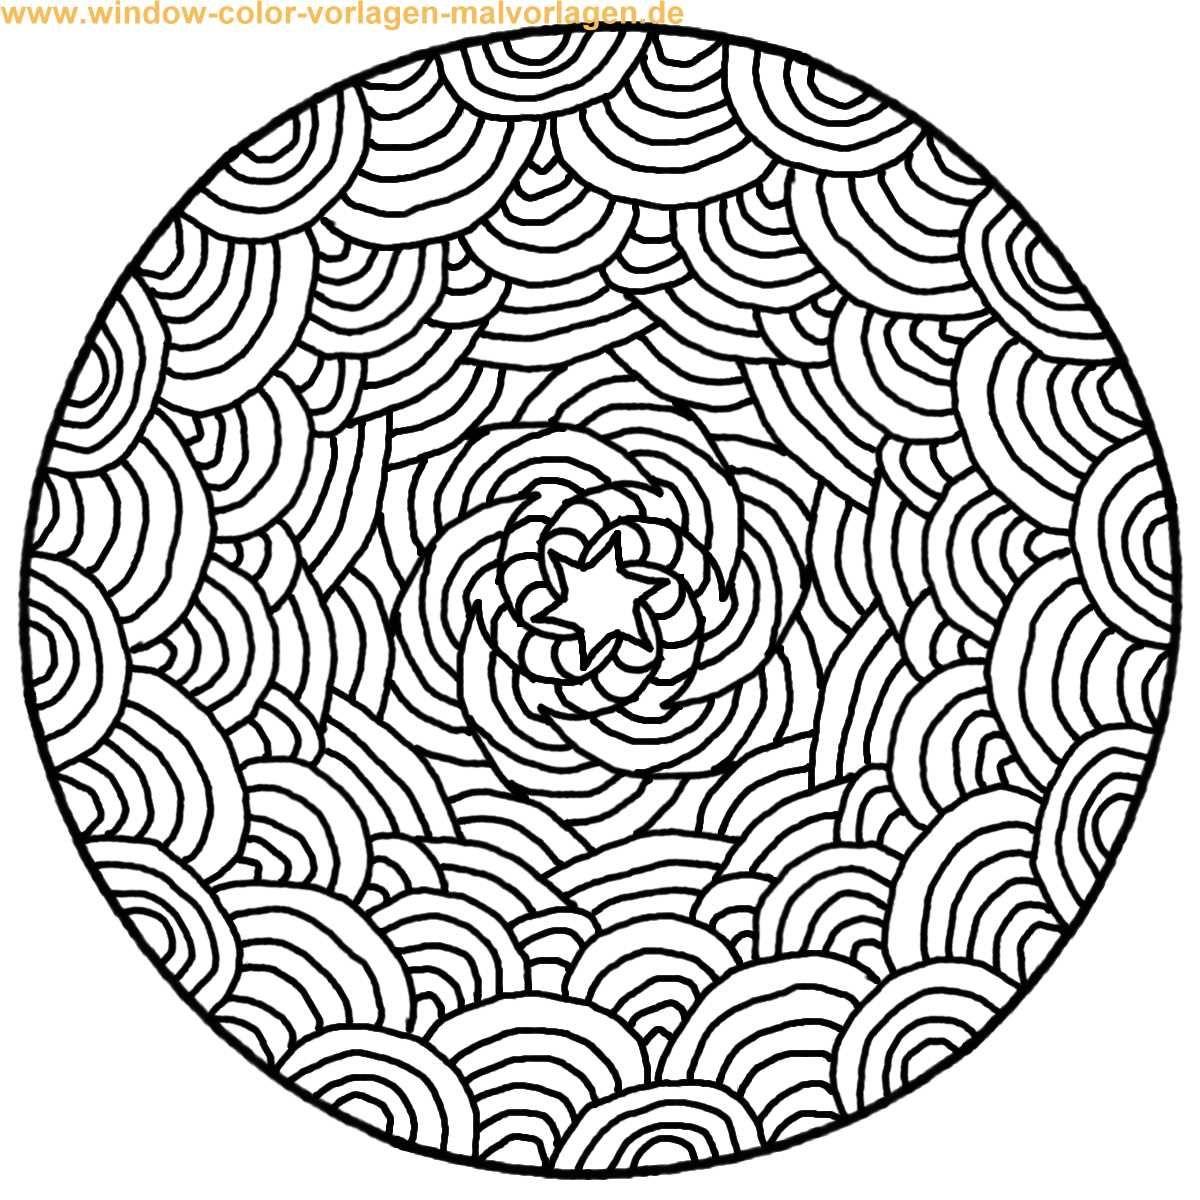 Ausmalbilder Mandala Drucken Http Www Ausmalbilder Co Ausmalbilder Mandala Drucken Geometric Coloring Pages Mandala Coloring Pages Mandala Coloring